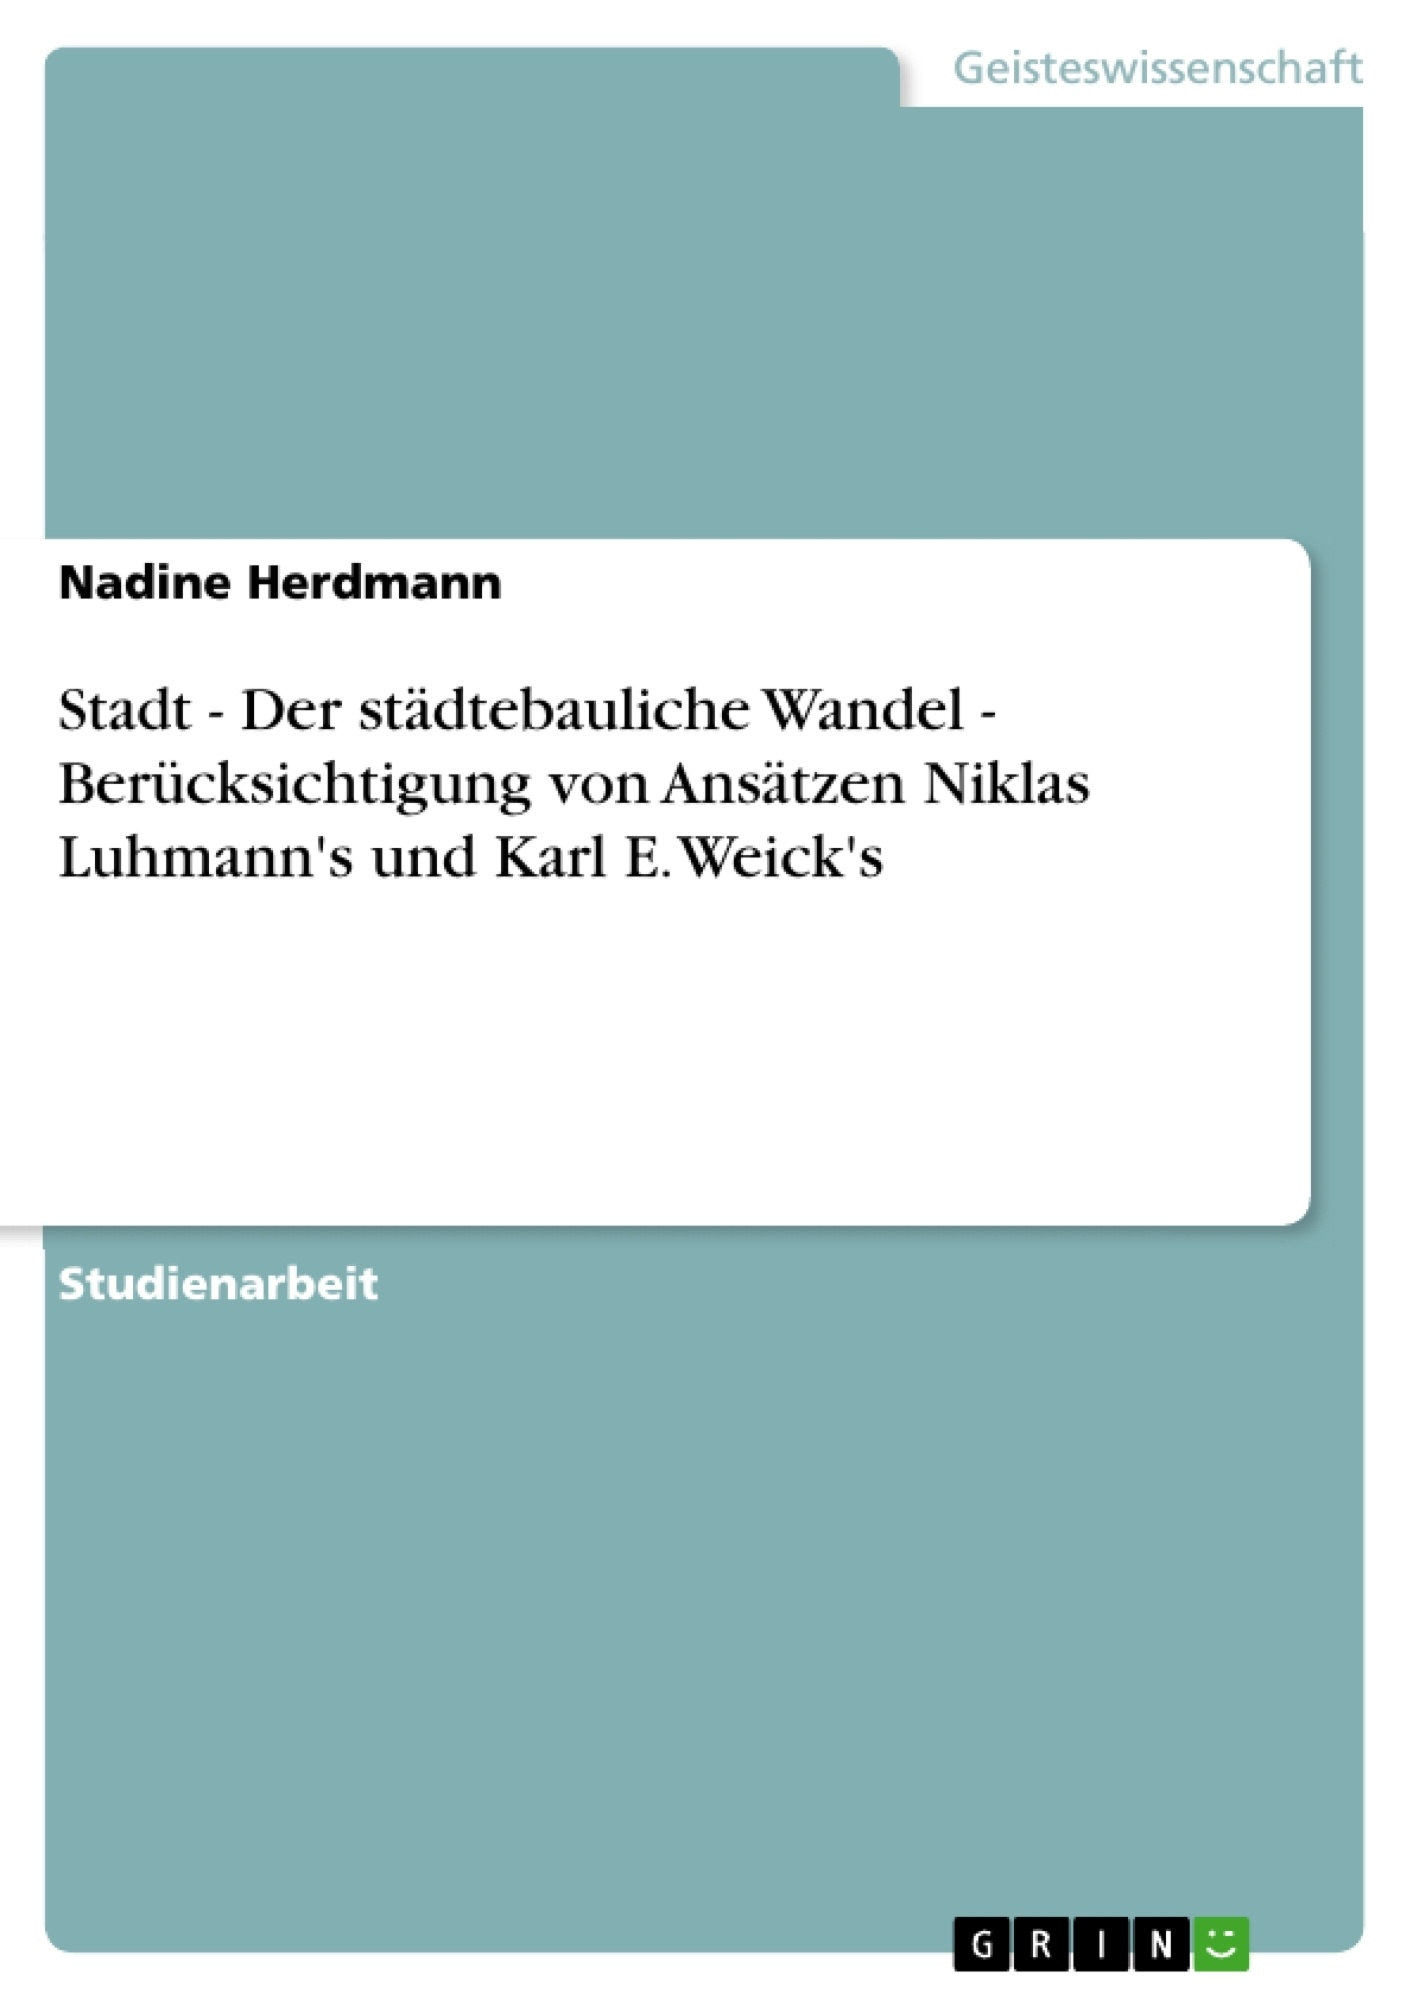 Titel: Stadt - Der städtebauliche Wandel -  Berücksichtigung von Ansätzen Niklas Luhmann's und Karl E. Weick's